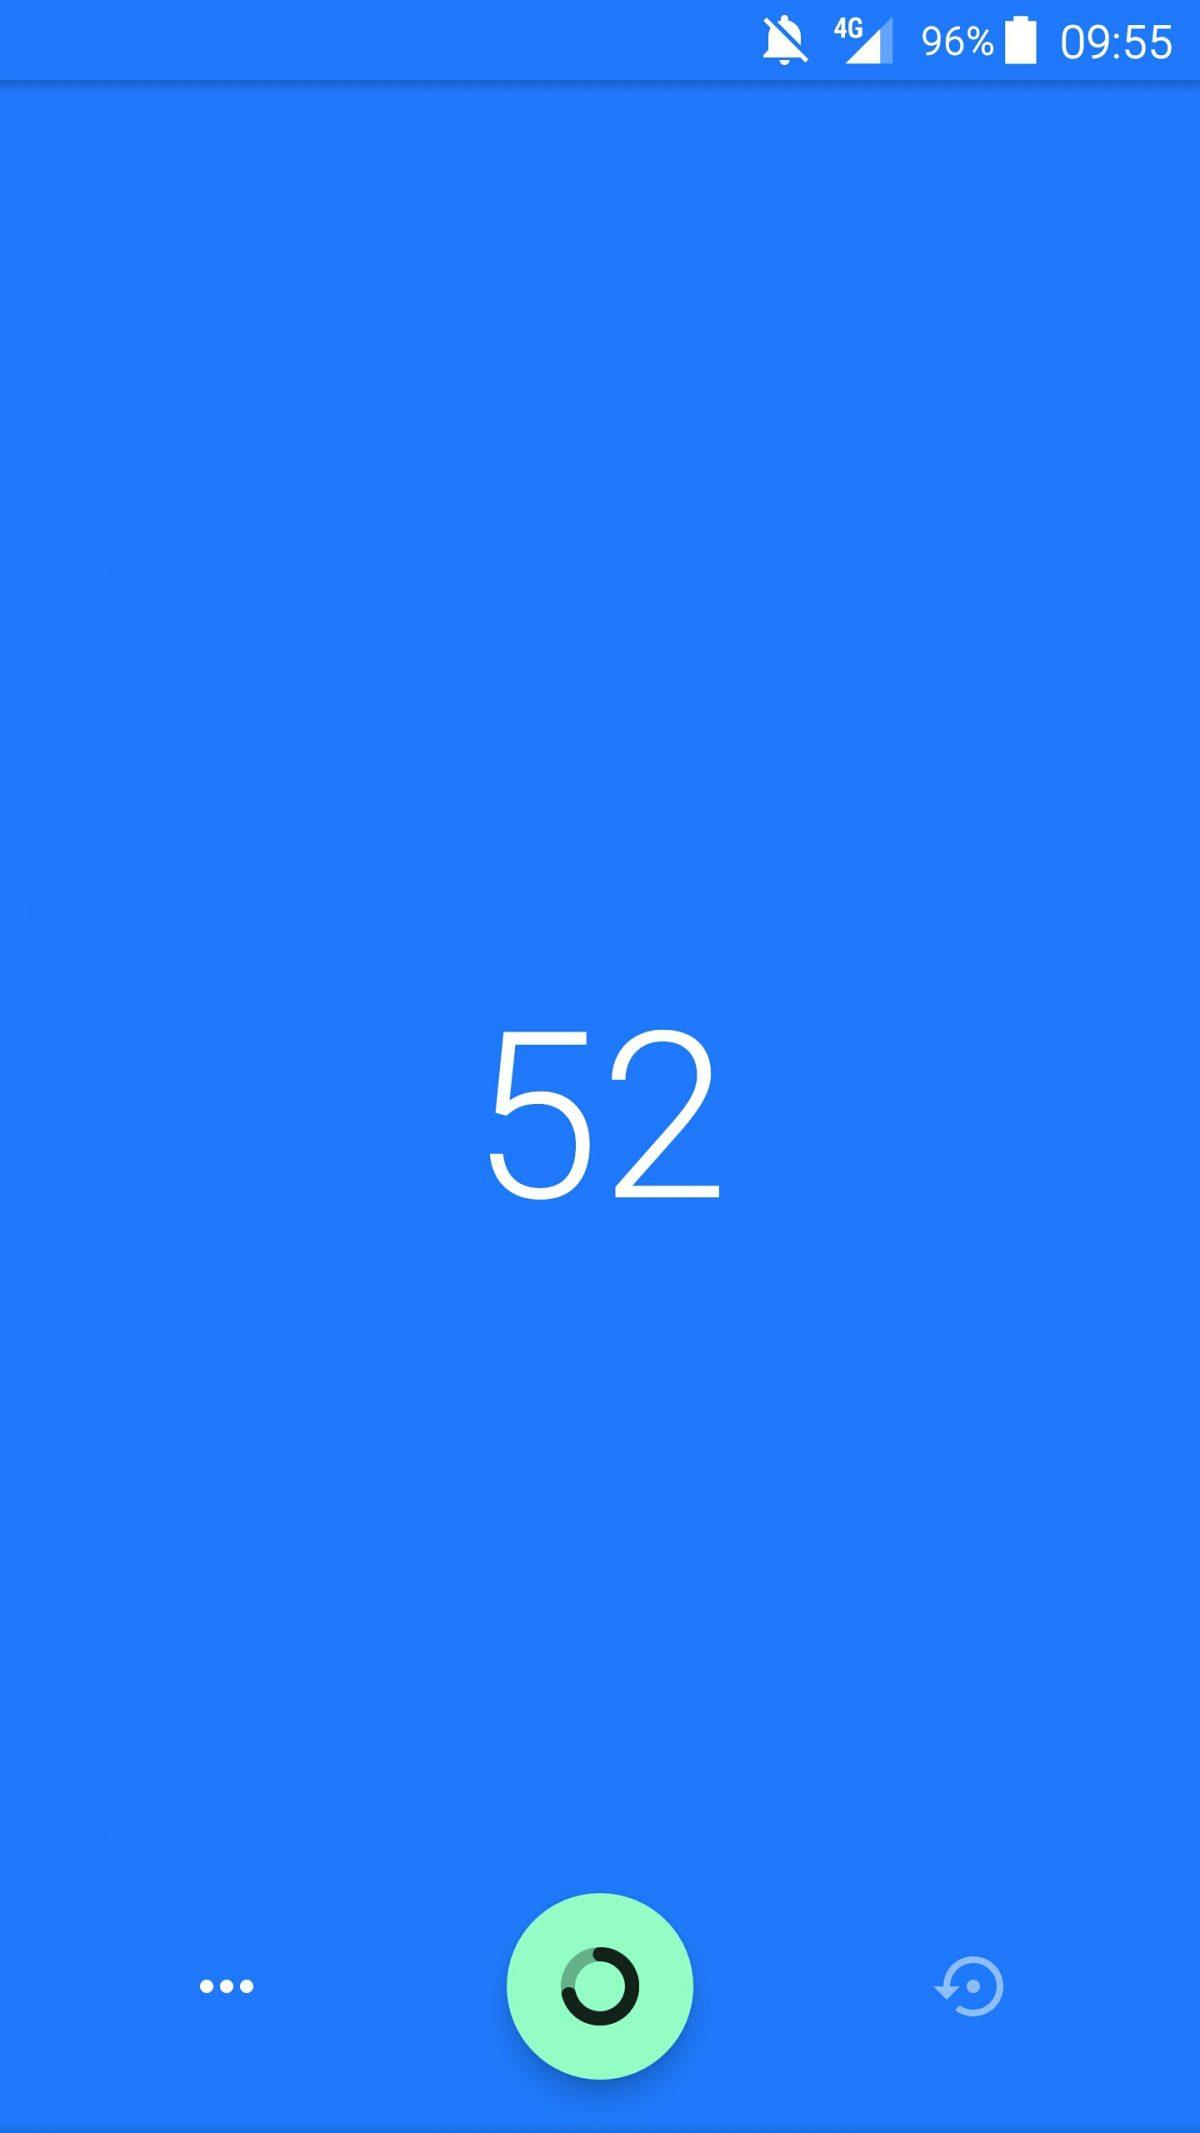 App-Vorstellung: 5217 - Die minimalistische App für mehr Produktivität 1